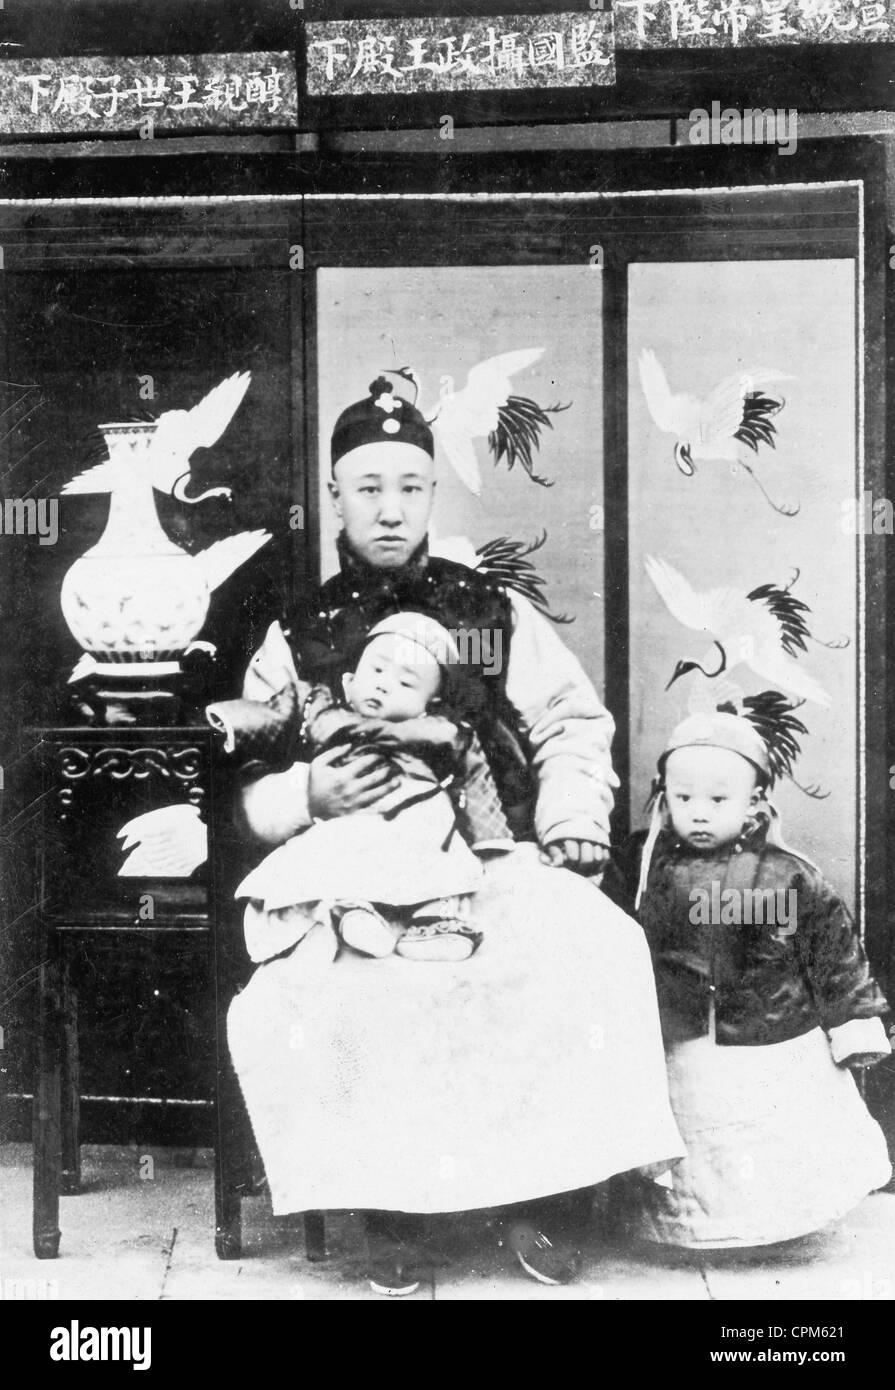 ... pu yi Also credited as henry pu yi or aisin gioro pu yi pu yi,